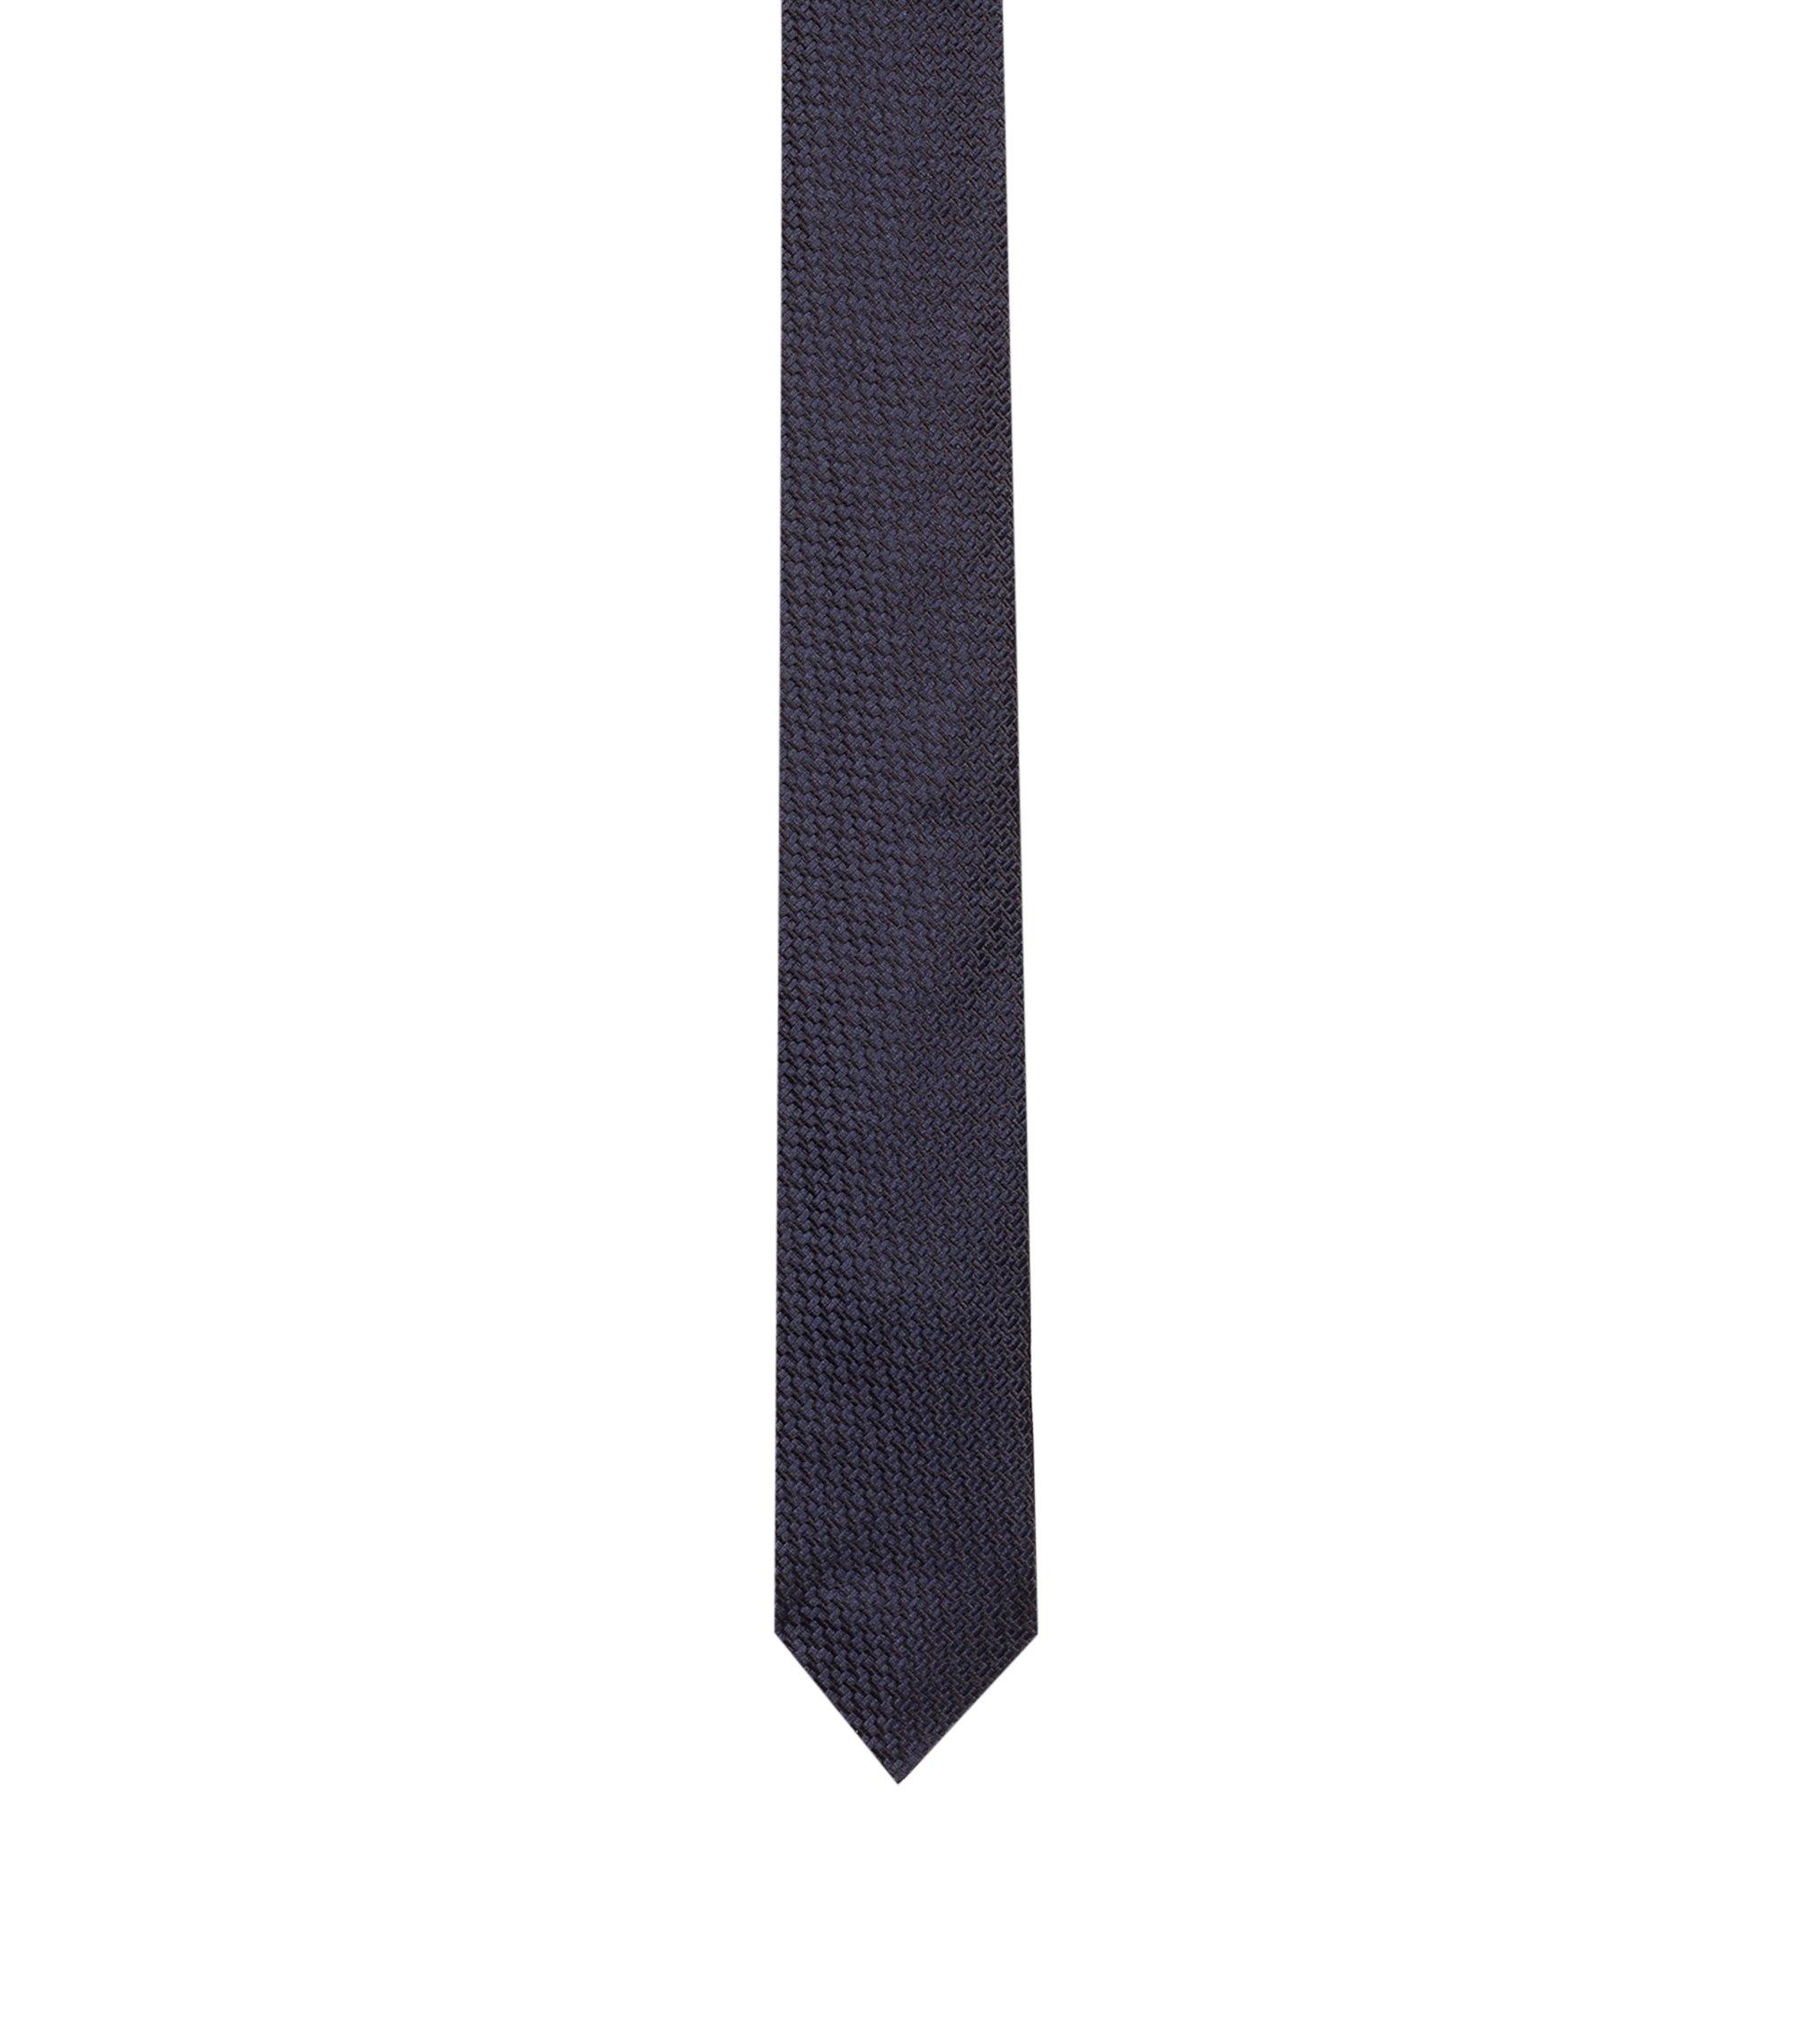 Krawatte aus Seide mit Webstruktur, Dunkelblau